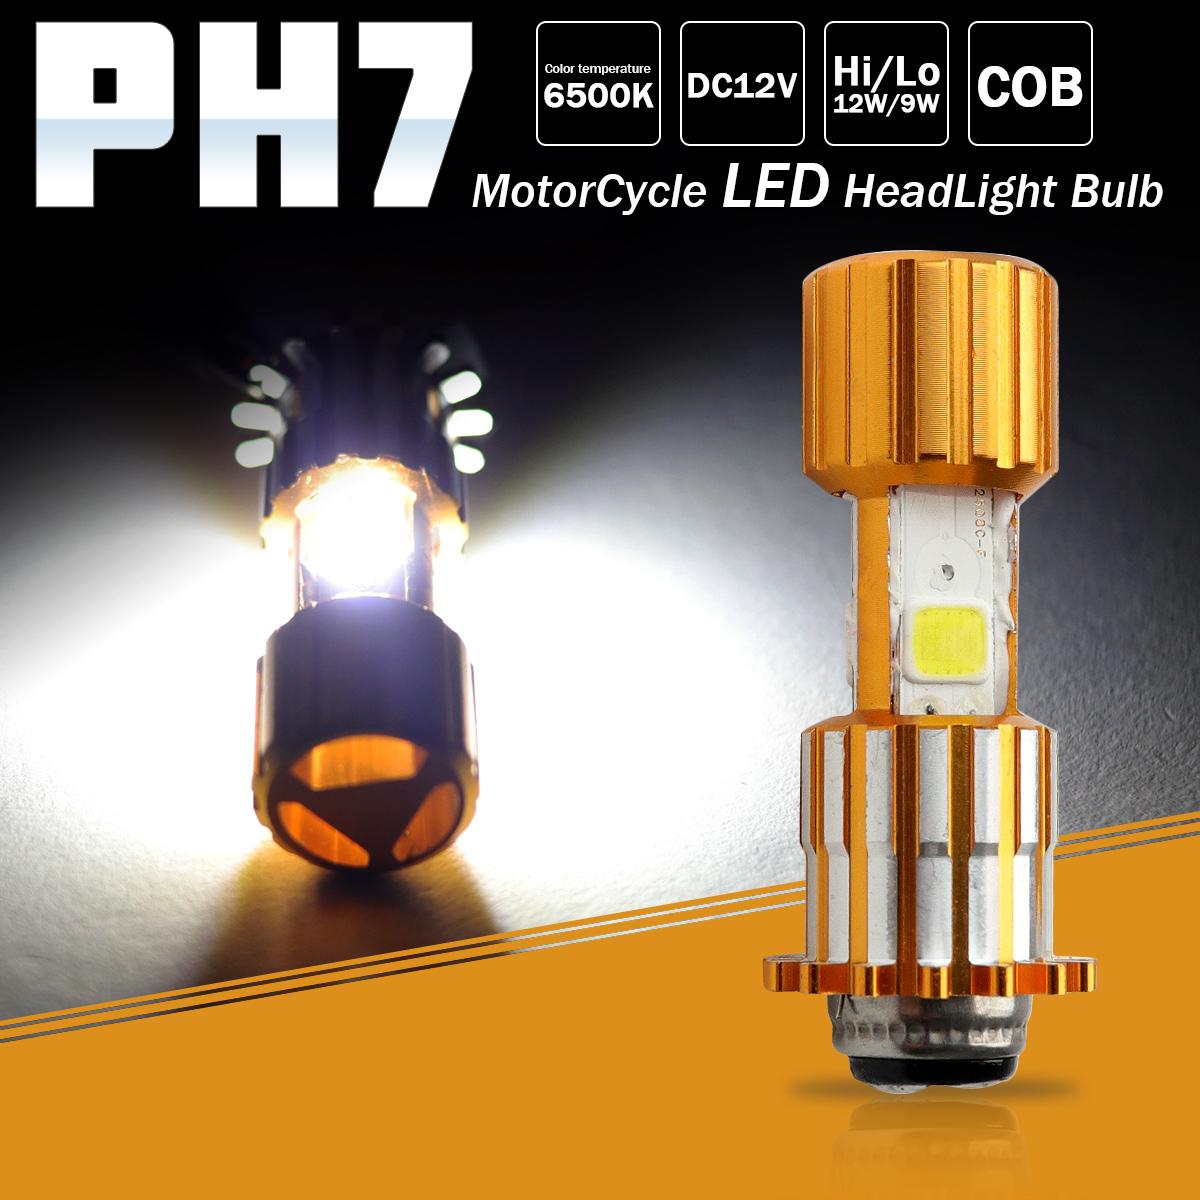 バイク用 COB LED ヘッドライト PH7 Hi Lo ホワイト発光 6500K 12V 二輪 オートバイ LEDバルブ H-54